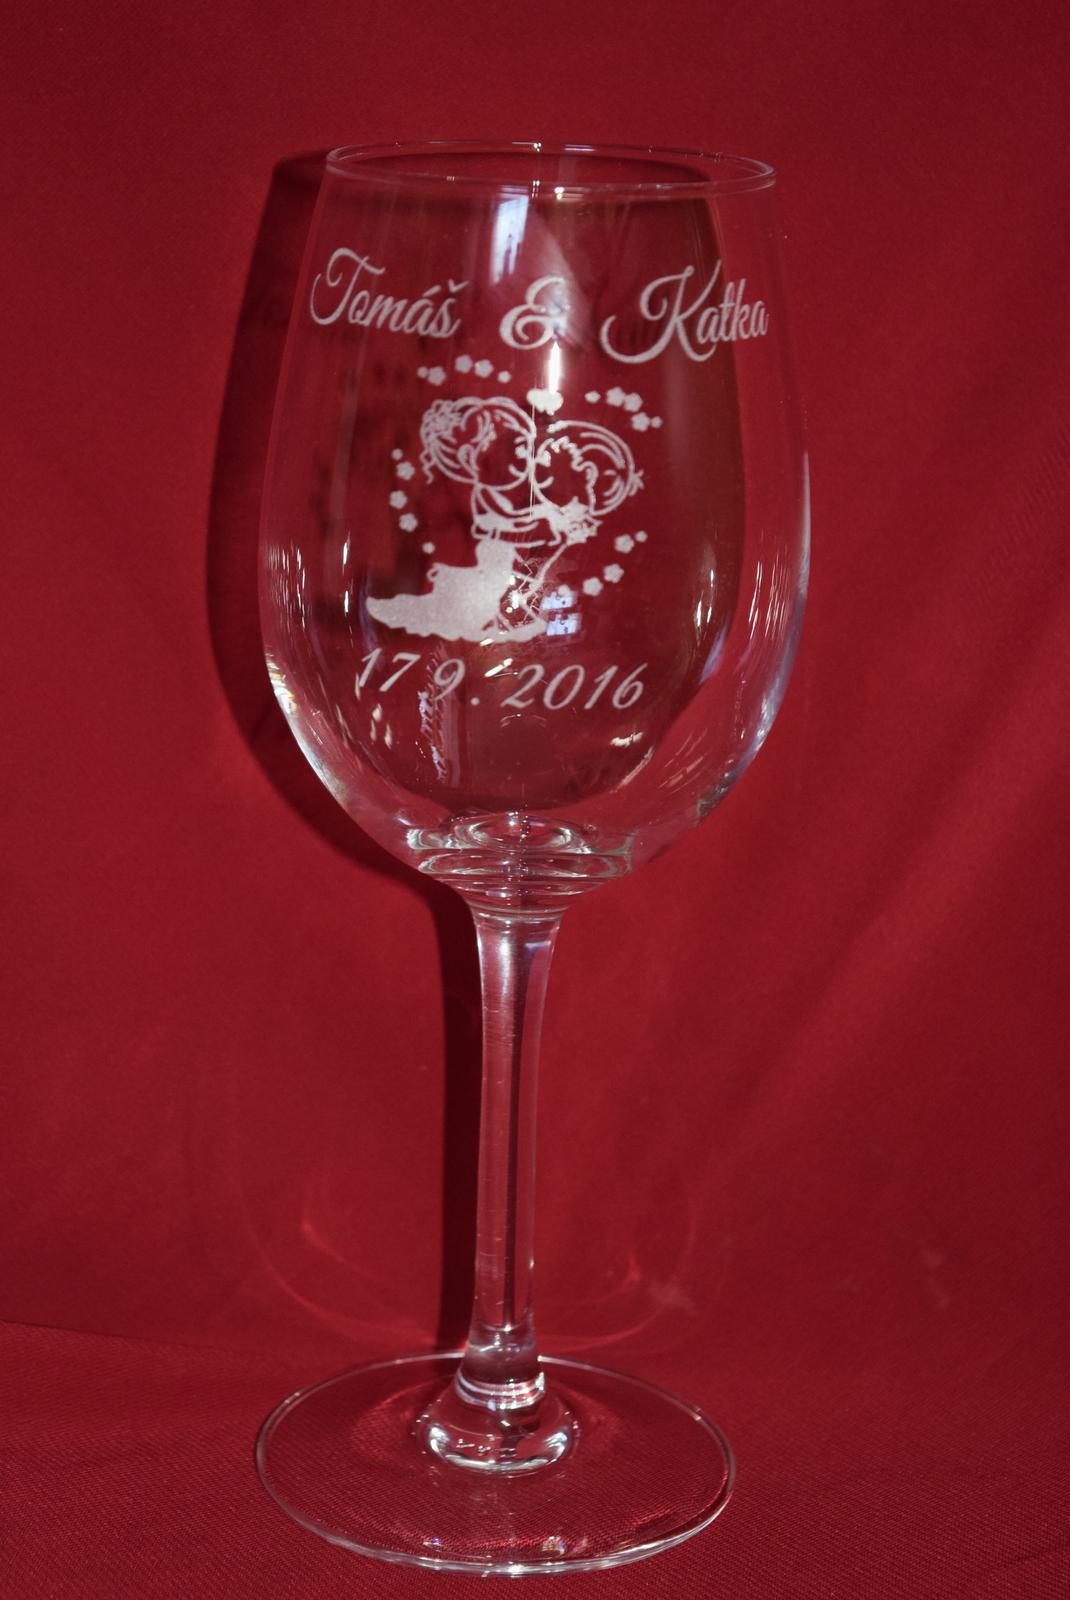 stifler439 - Gravírovaný svadobný pohár na želanie rôzne motívy a poháre na výber cena za 17,5€ 2ks.